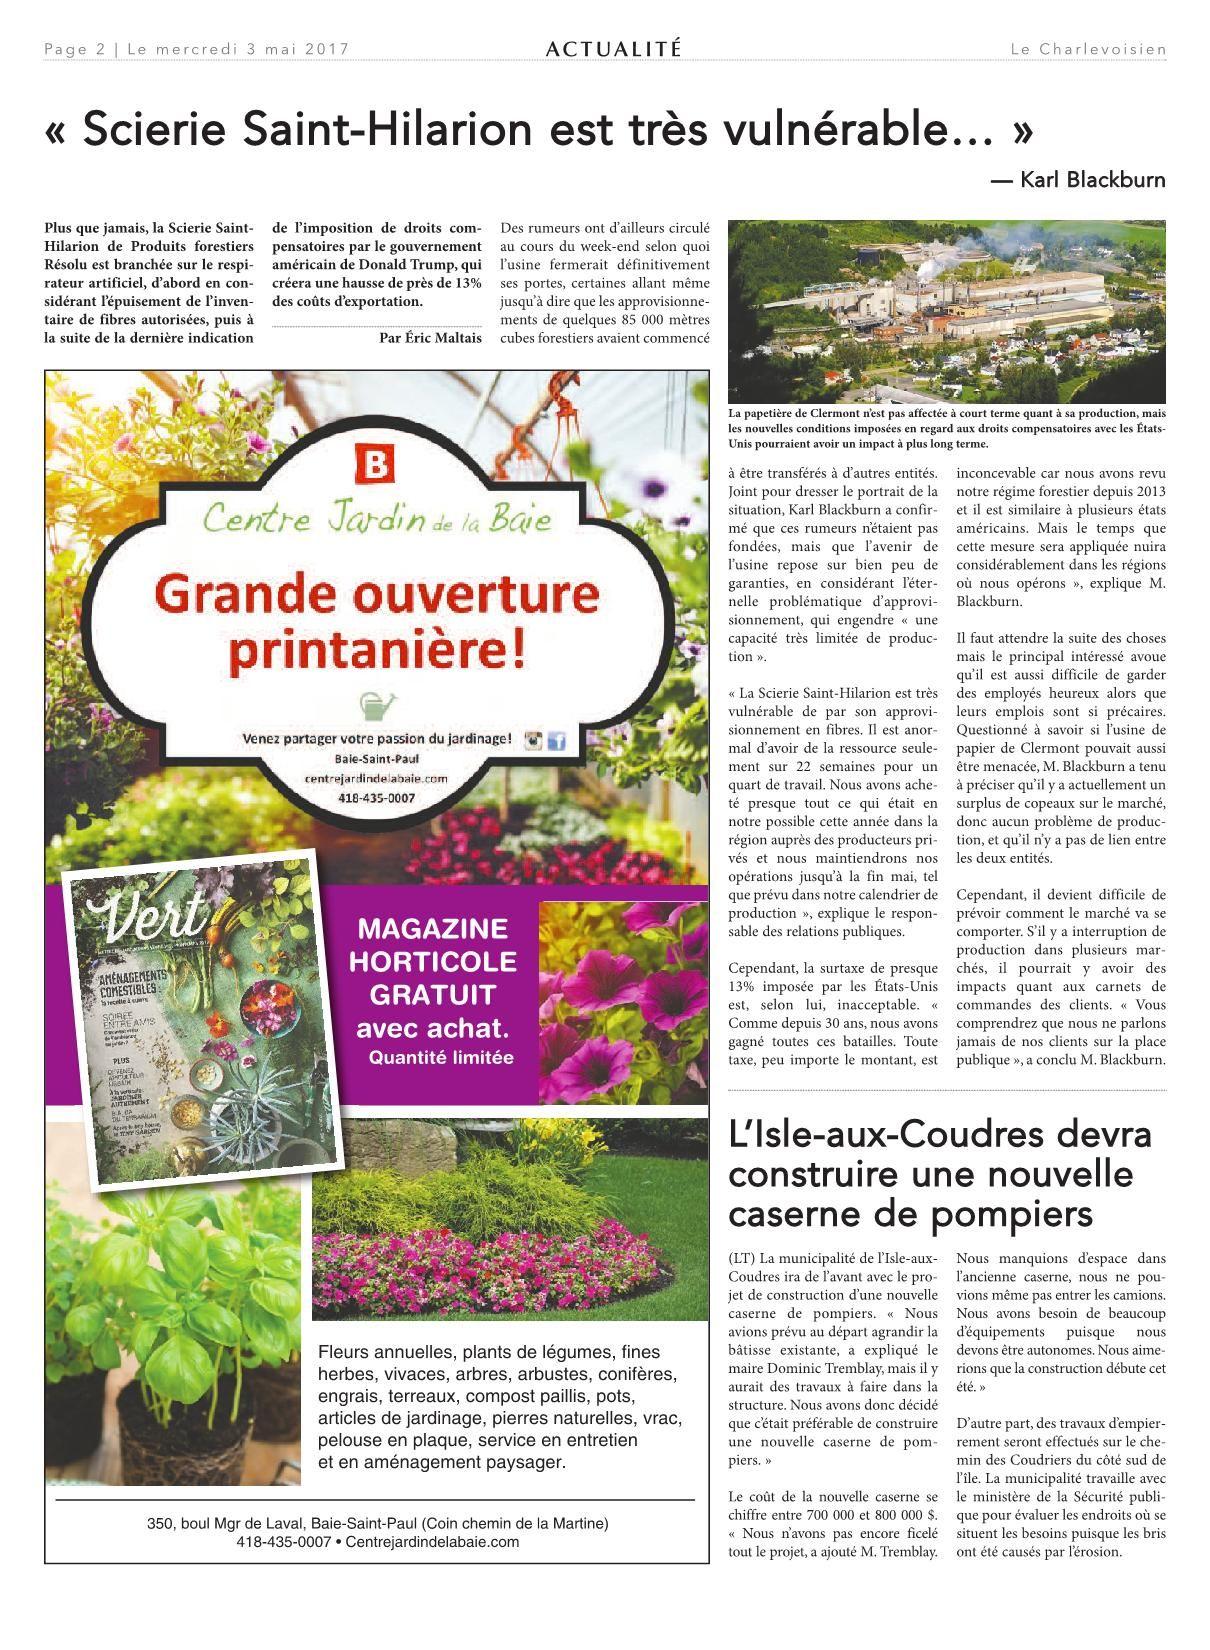 Mouvement Citoyen Alexandre Jardin Génial Le Charlevoisien 3 Mai 2017 Pages 1 40 Text Version Of 33 Unique Mouvement Citoyen Alexandre Jardin